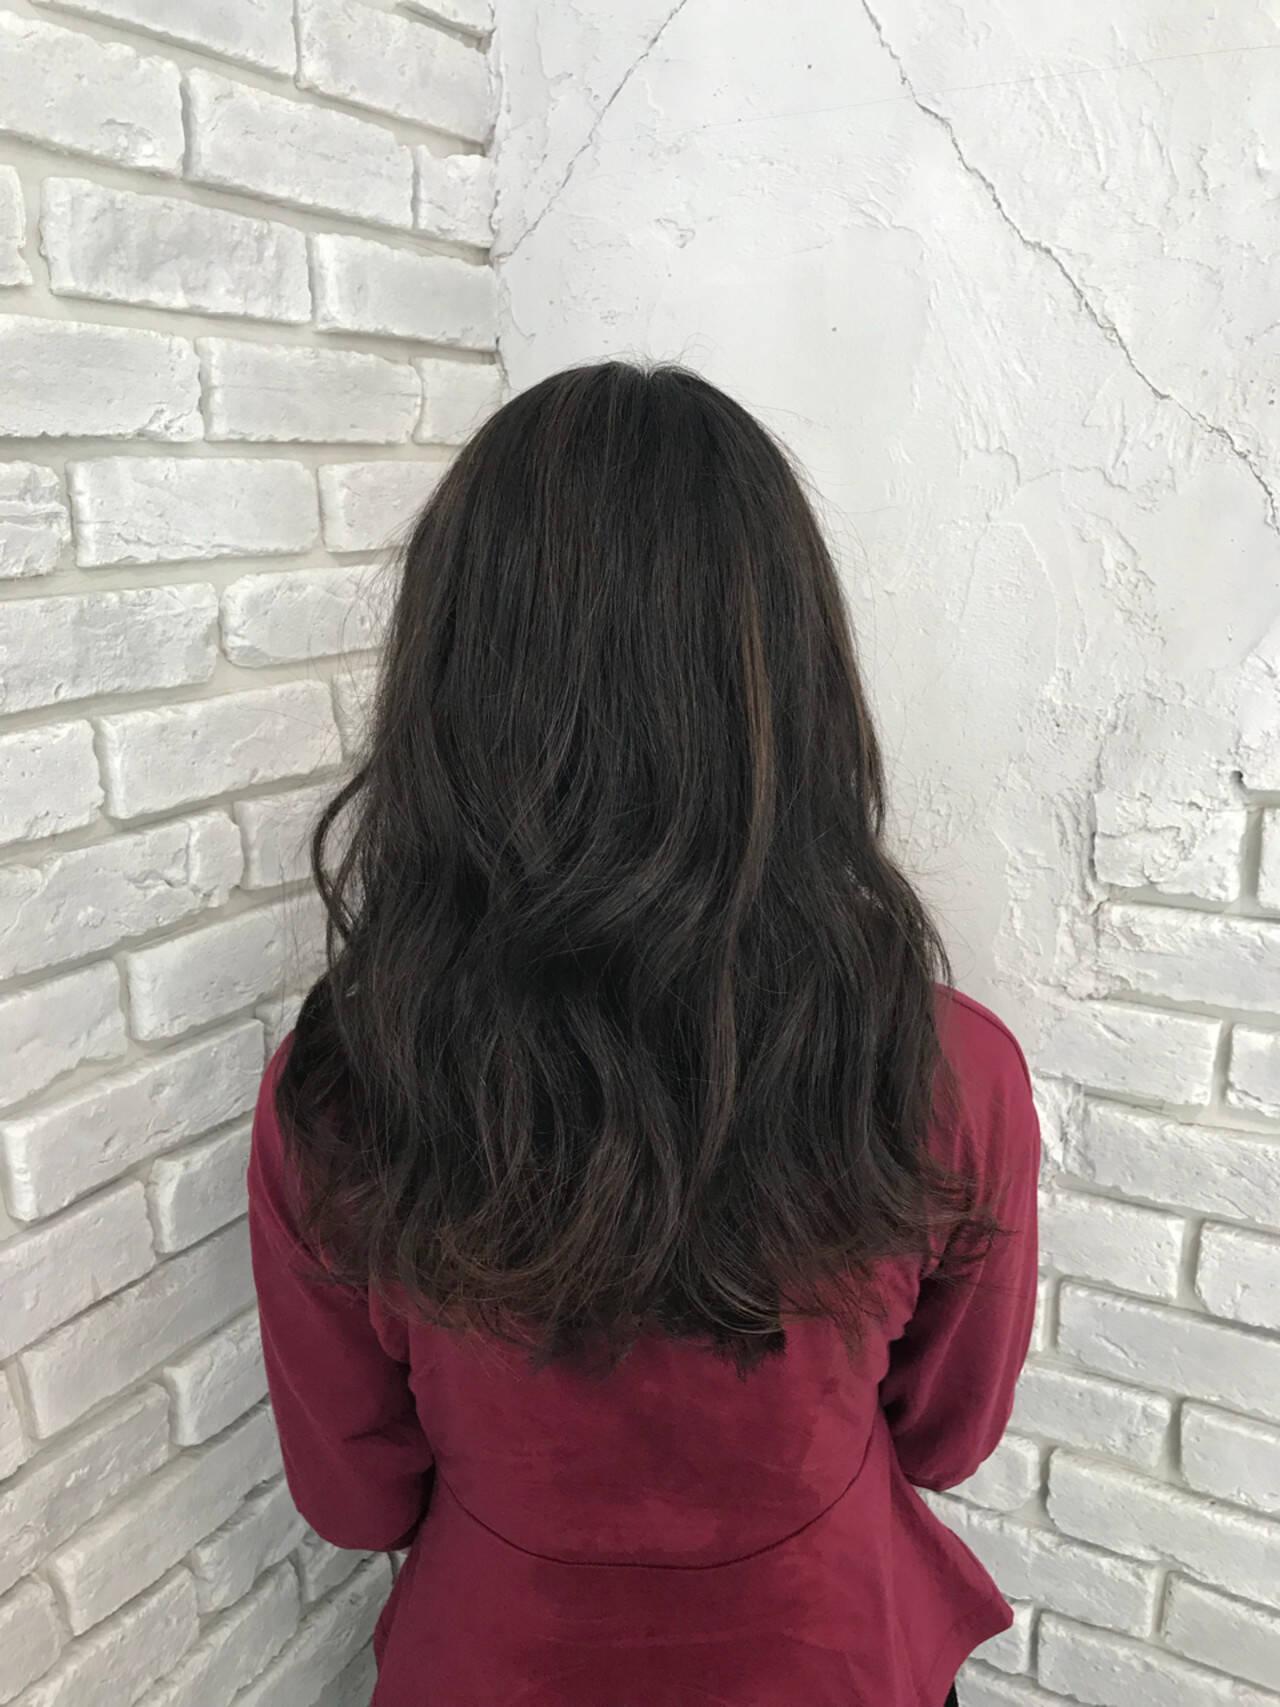 ナチュラル ブリーチなし ハイライト 外国人風カラーヘアスタイルや髪型の写真・画像